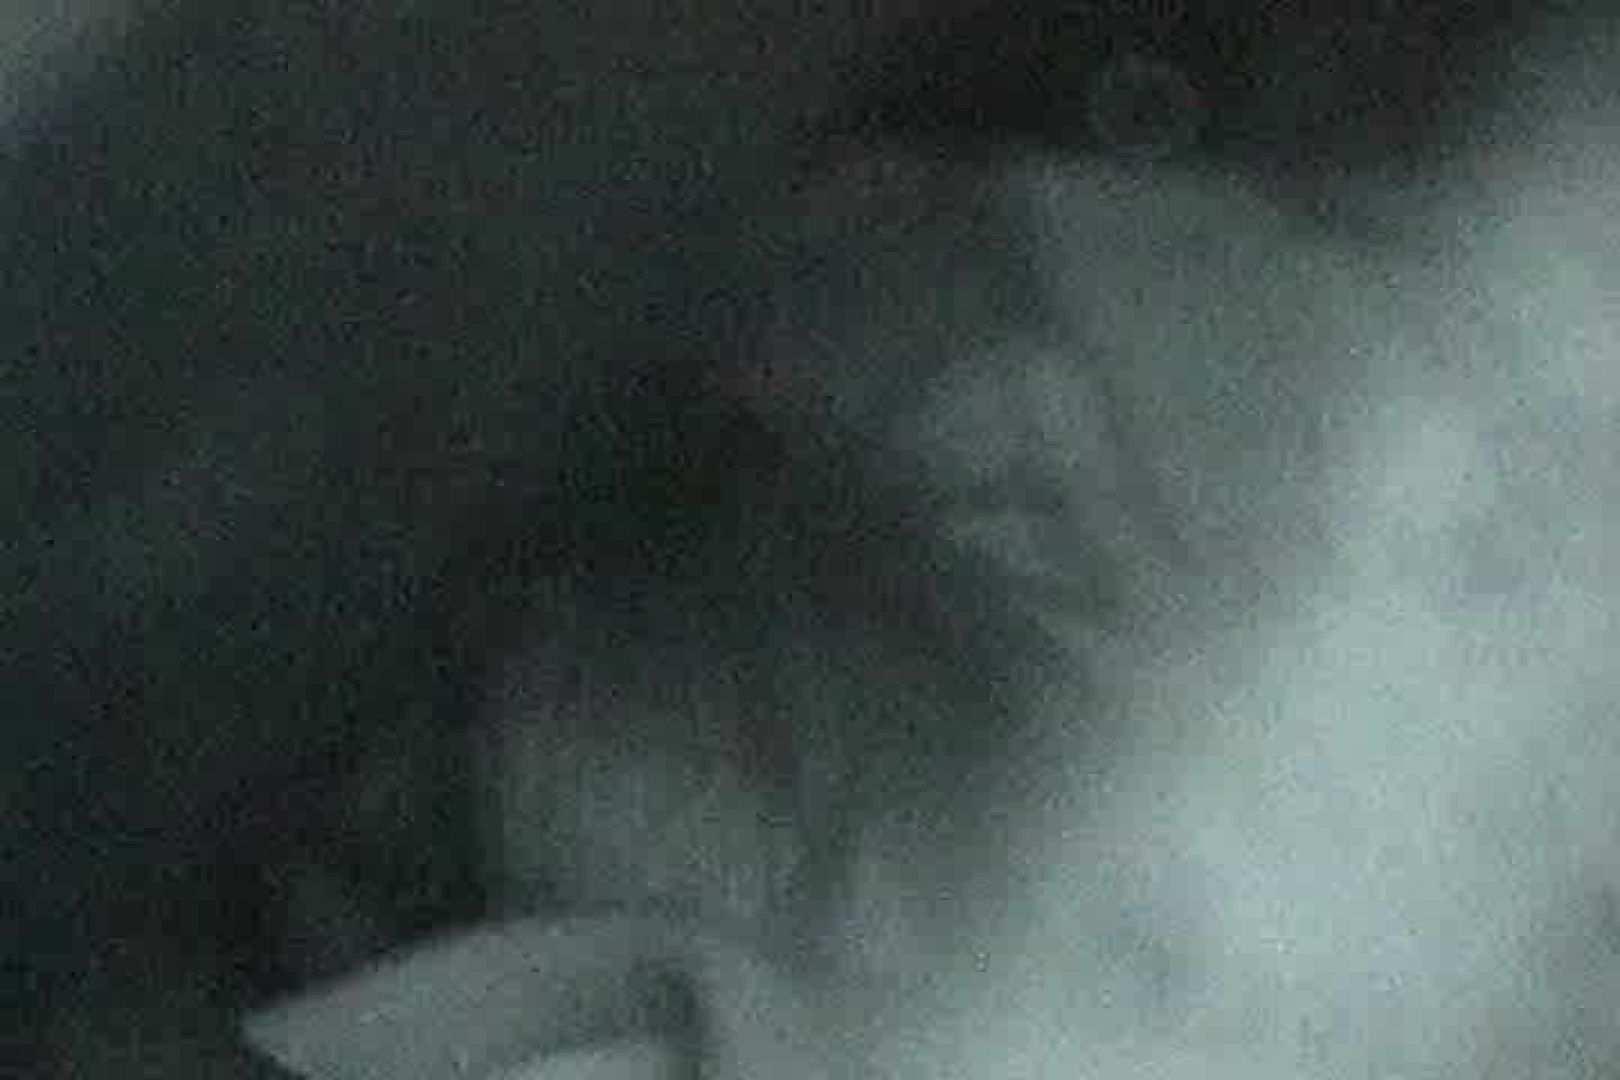 「充血監督」さんの深夜の運動会!! vol.001 セックス流出映像 ぱこり動画紹介 72連発 59